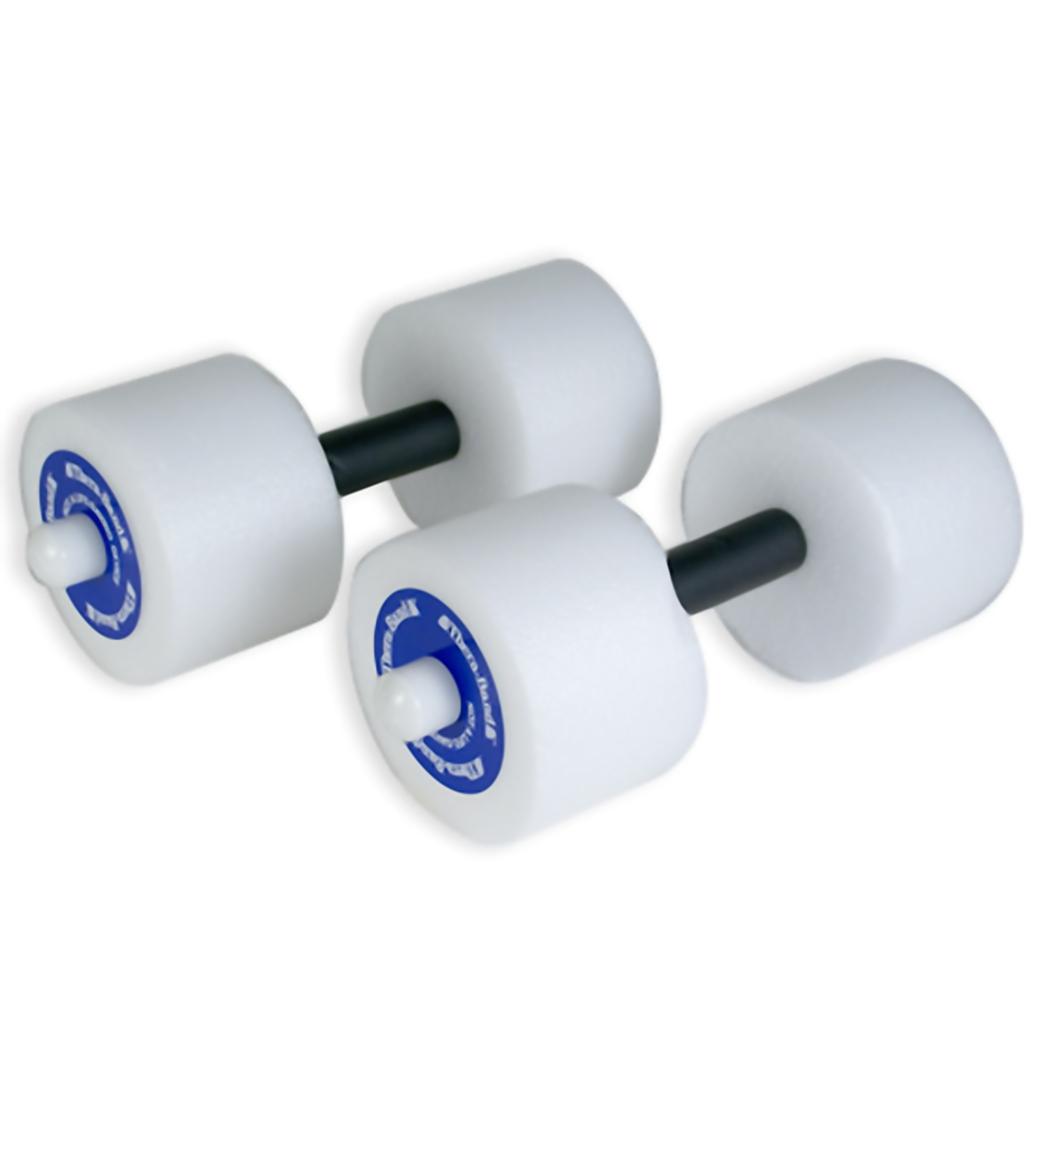 Aquatic Thera-Band Water Water Bumbbell